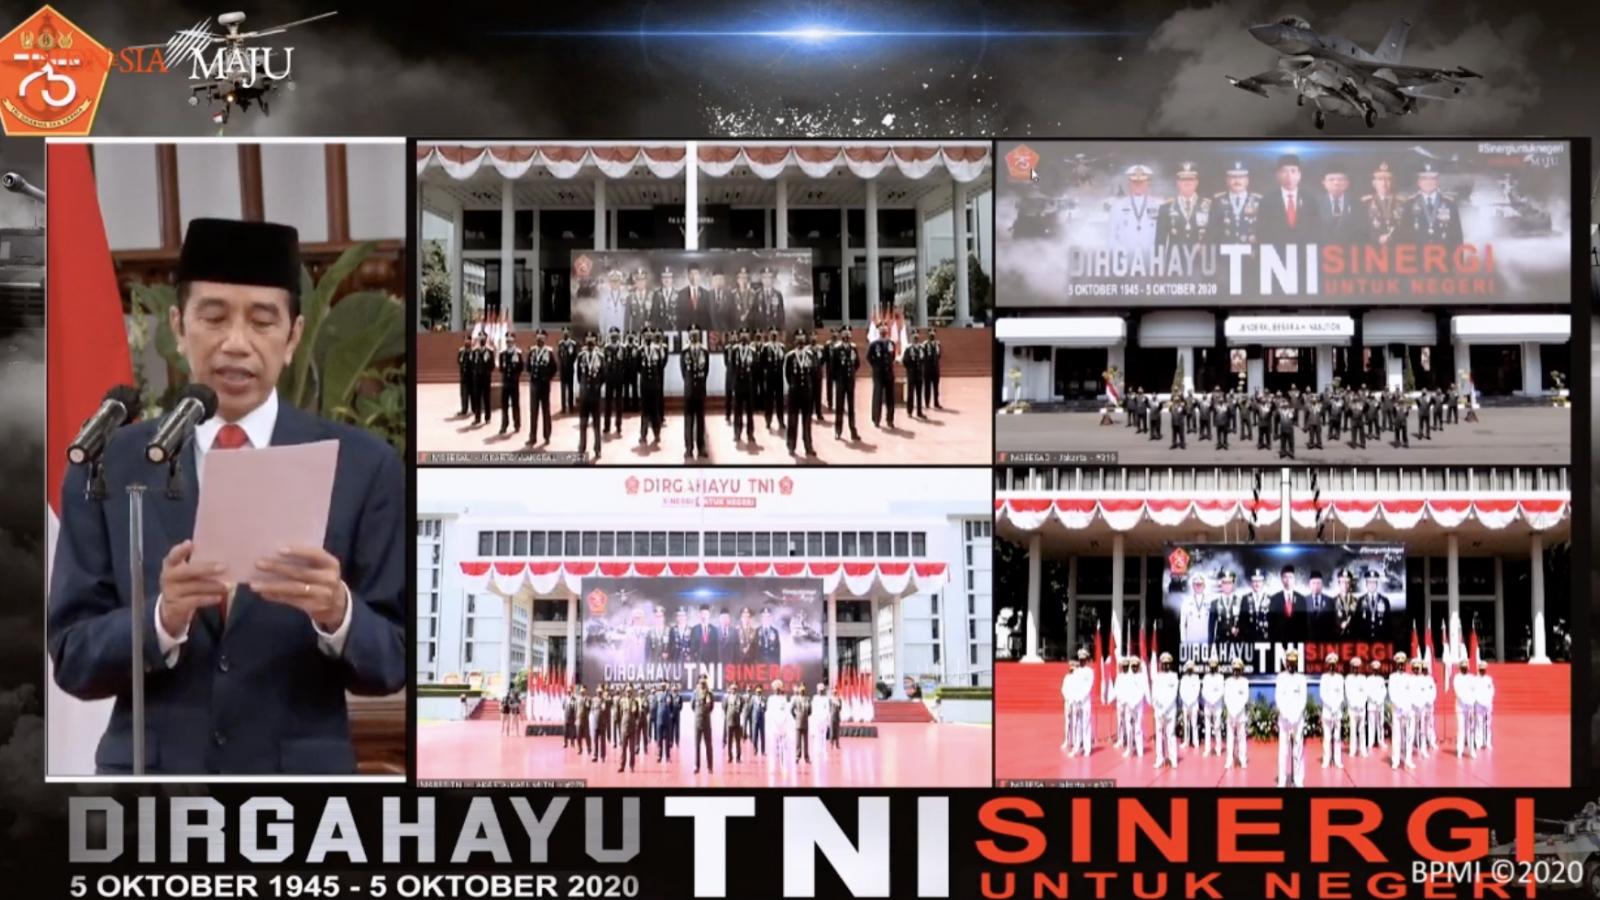 75 năm thành lập Quân đội quốc gia Indonesia: Lễ kỷ niệm trực tuyến do Covid-19